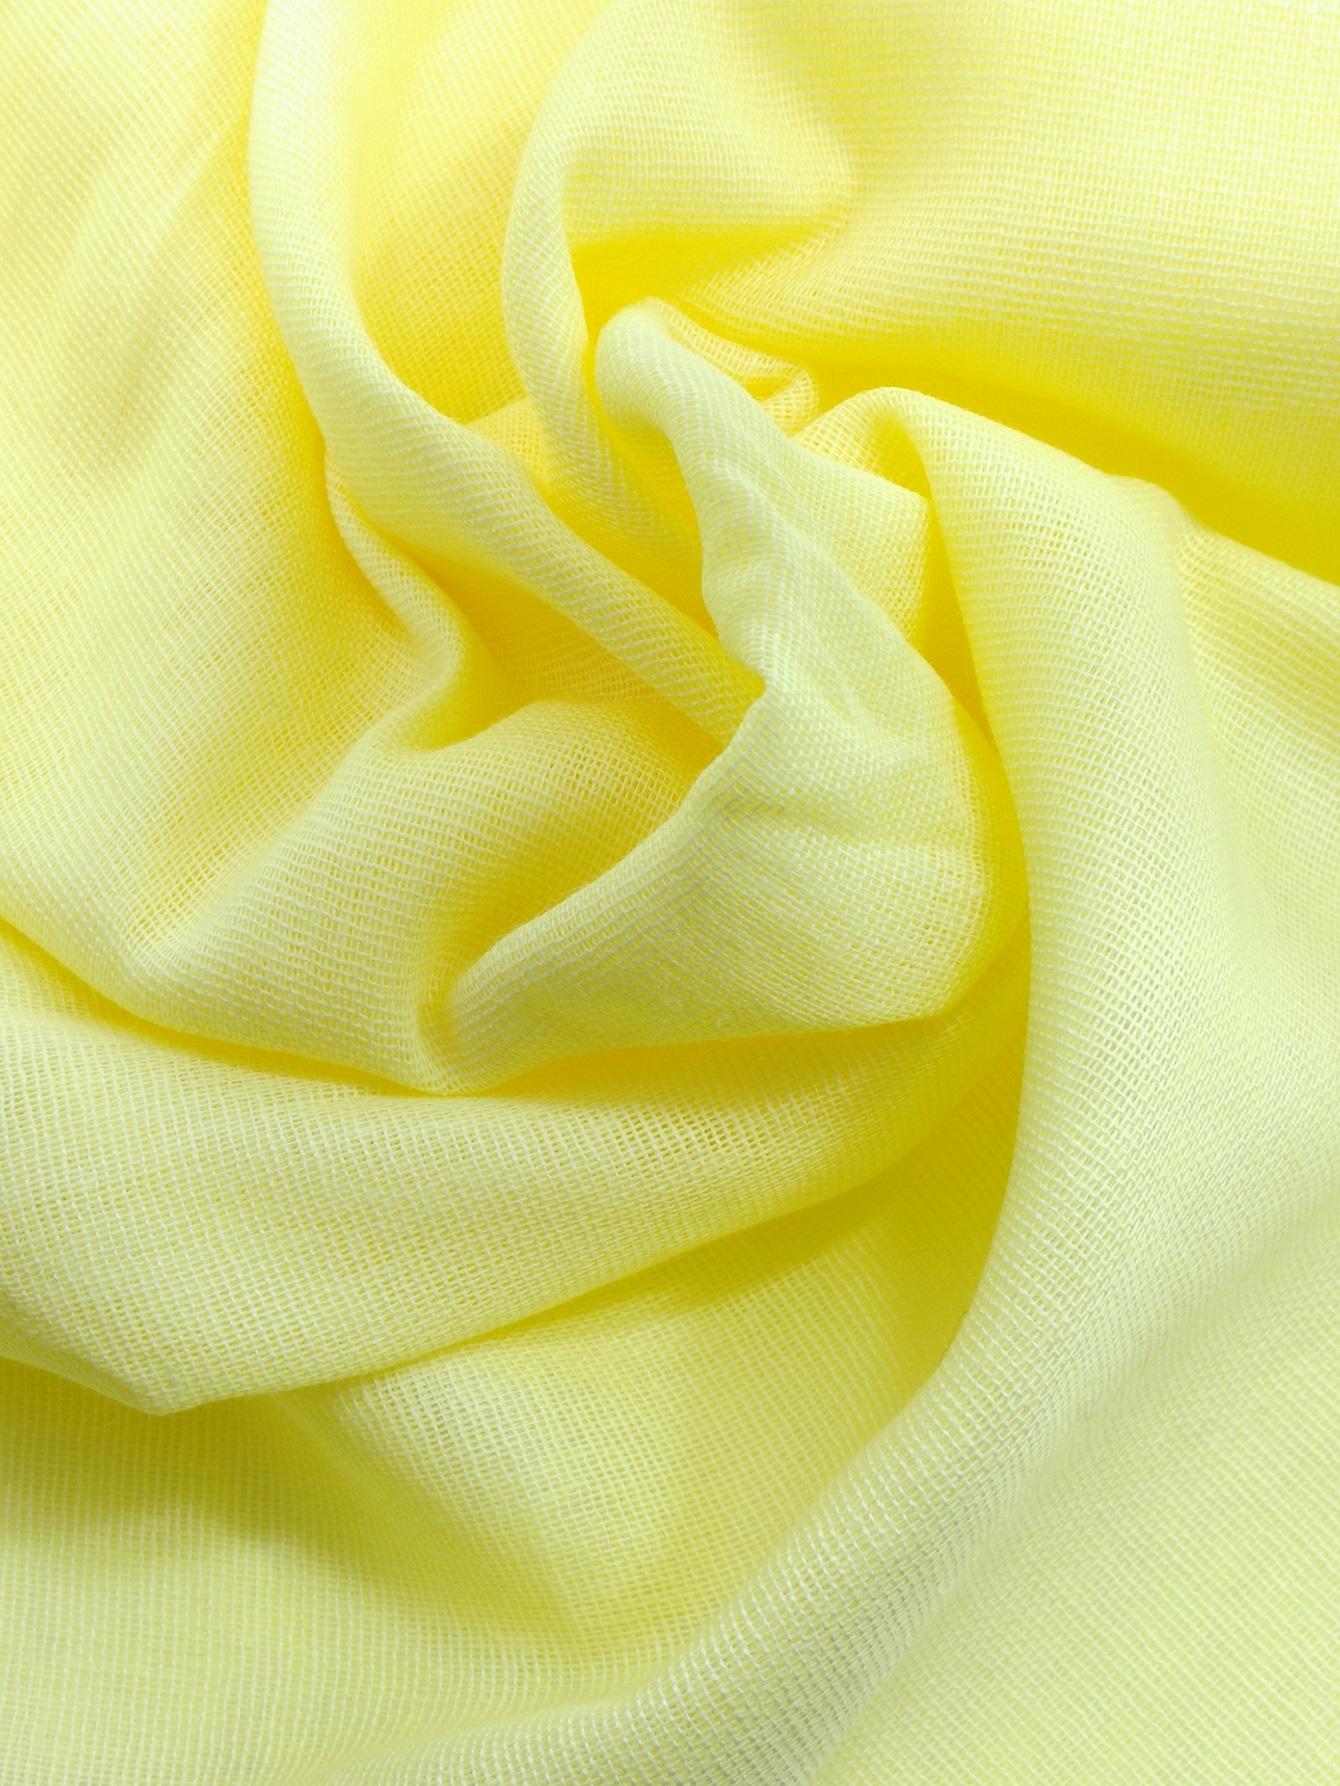 неаполитанский желтый цвет фото на ткани виной тому будет